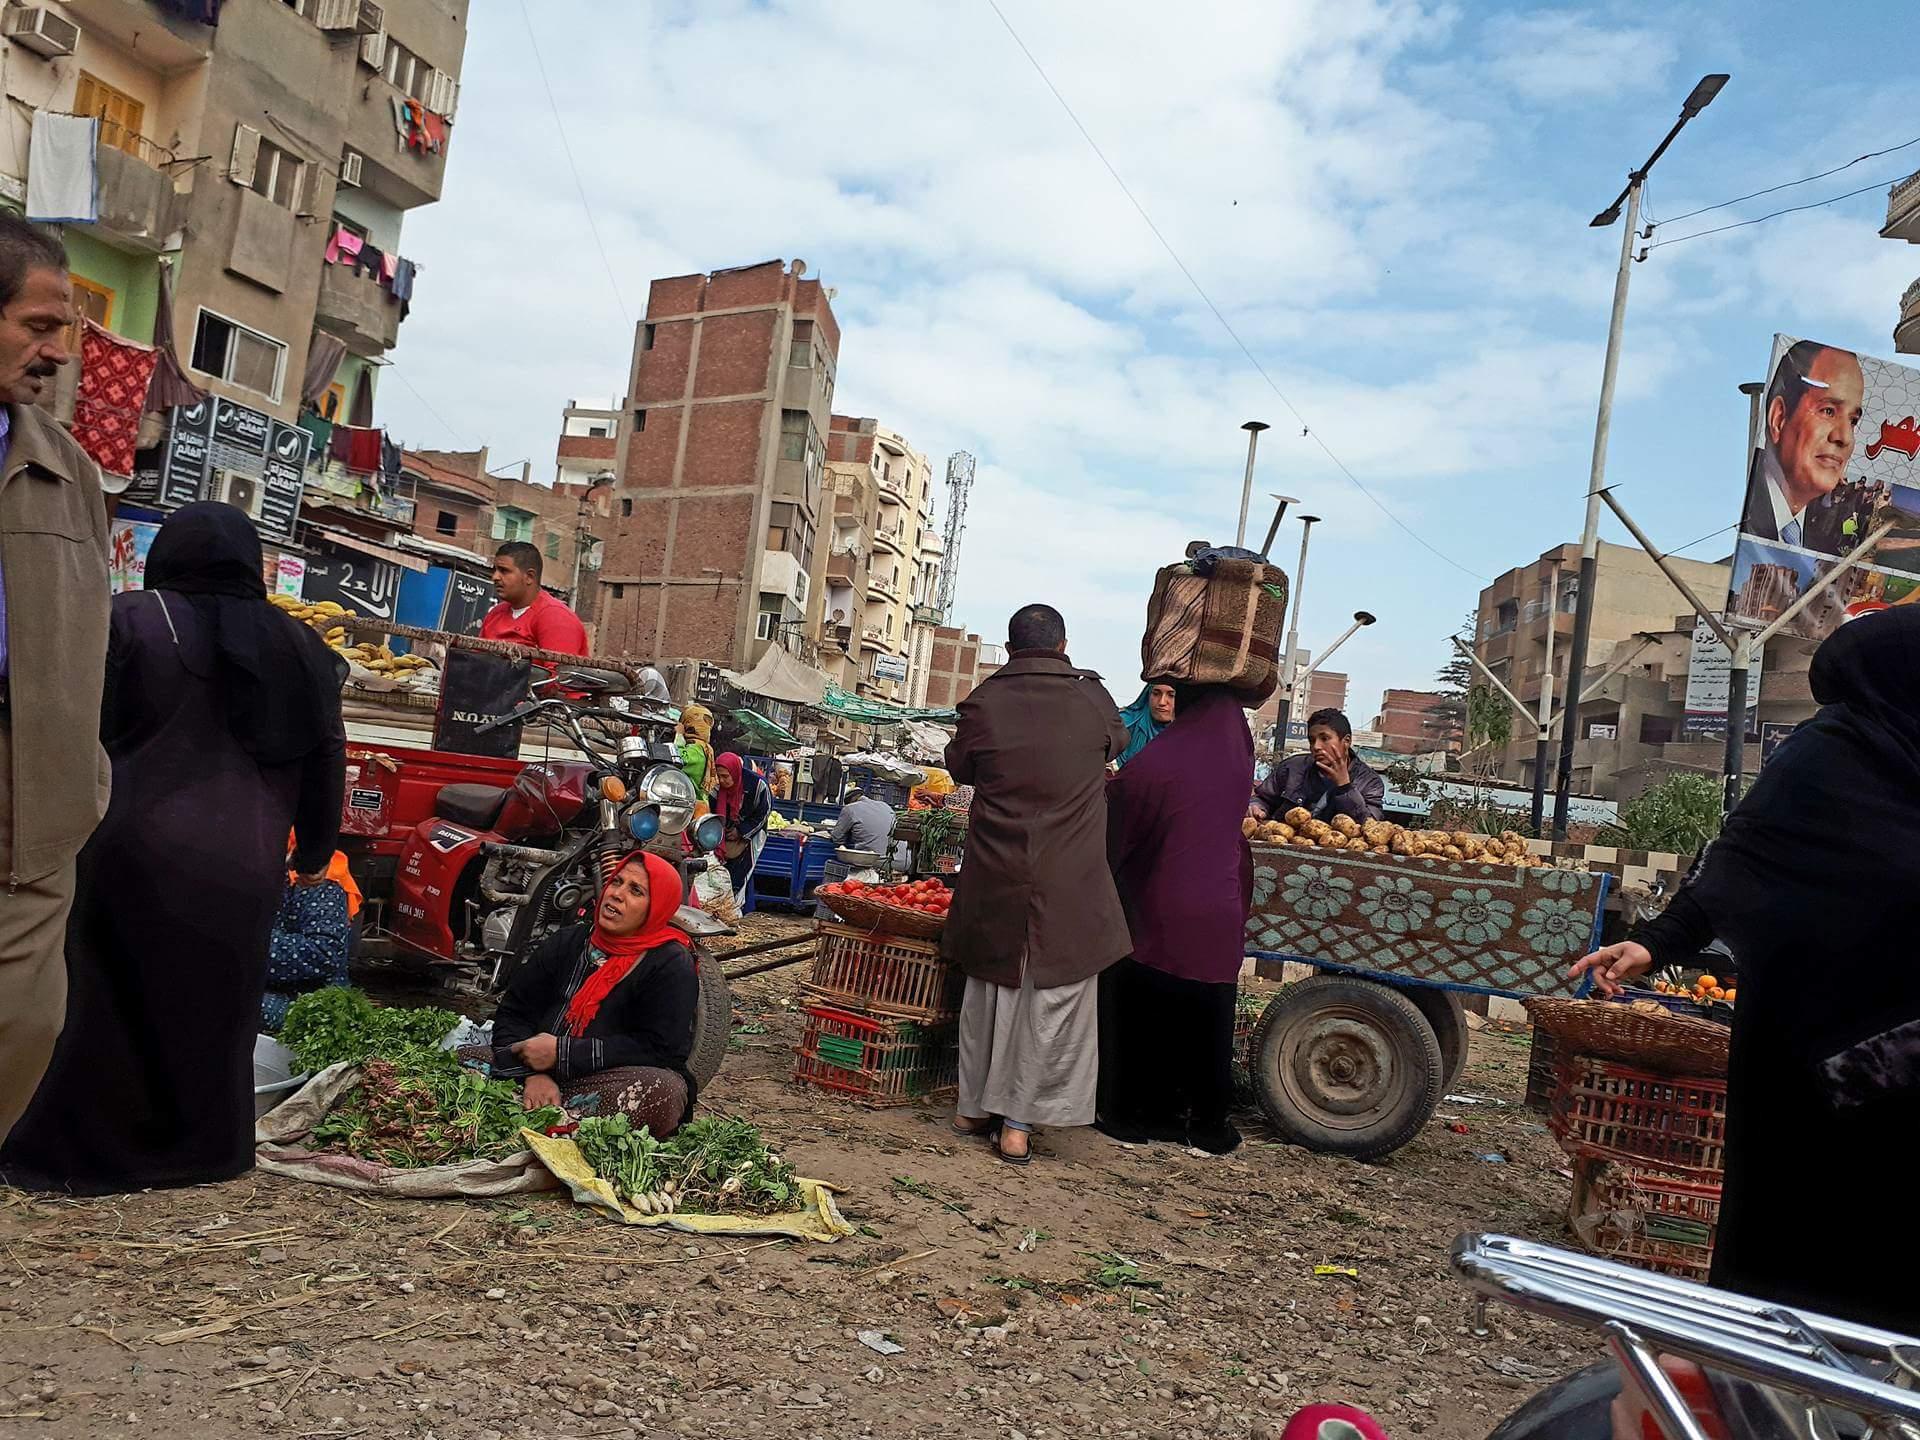 استجابة لما نشرناه.. حملة لإزالة الباعة الجائلين بمحيط مسجد شمعة بفاقوس   الشرقية توداي